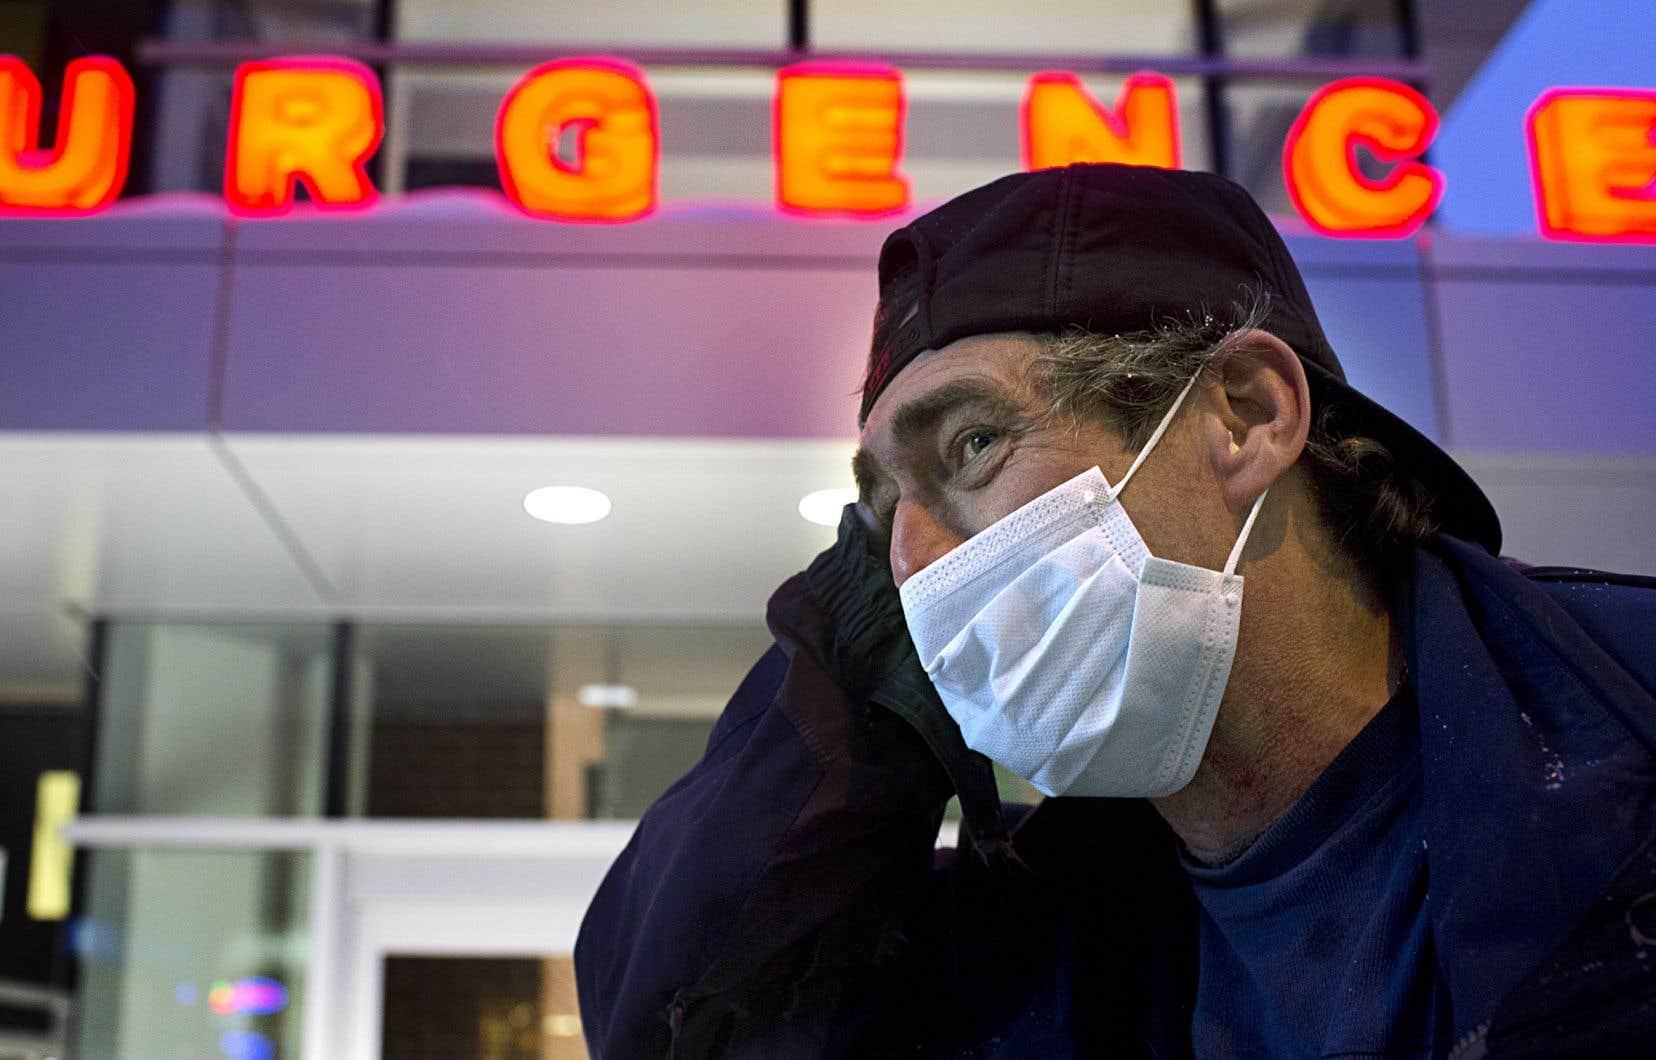 Le nombre d'hospitalisations liées à la grippe chez les adultes sont supérieurs aux taux prévus pour cette période de l'année.